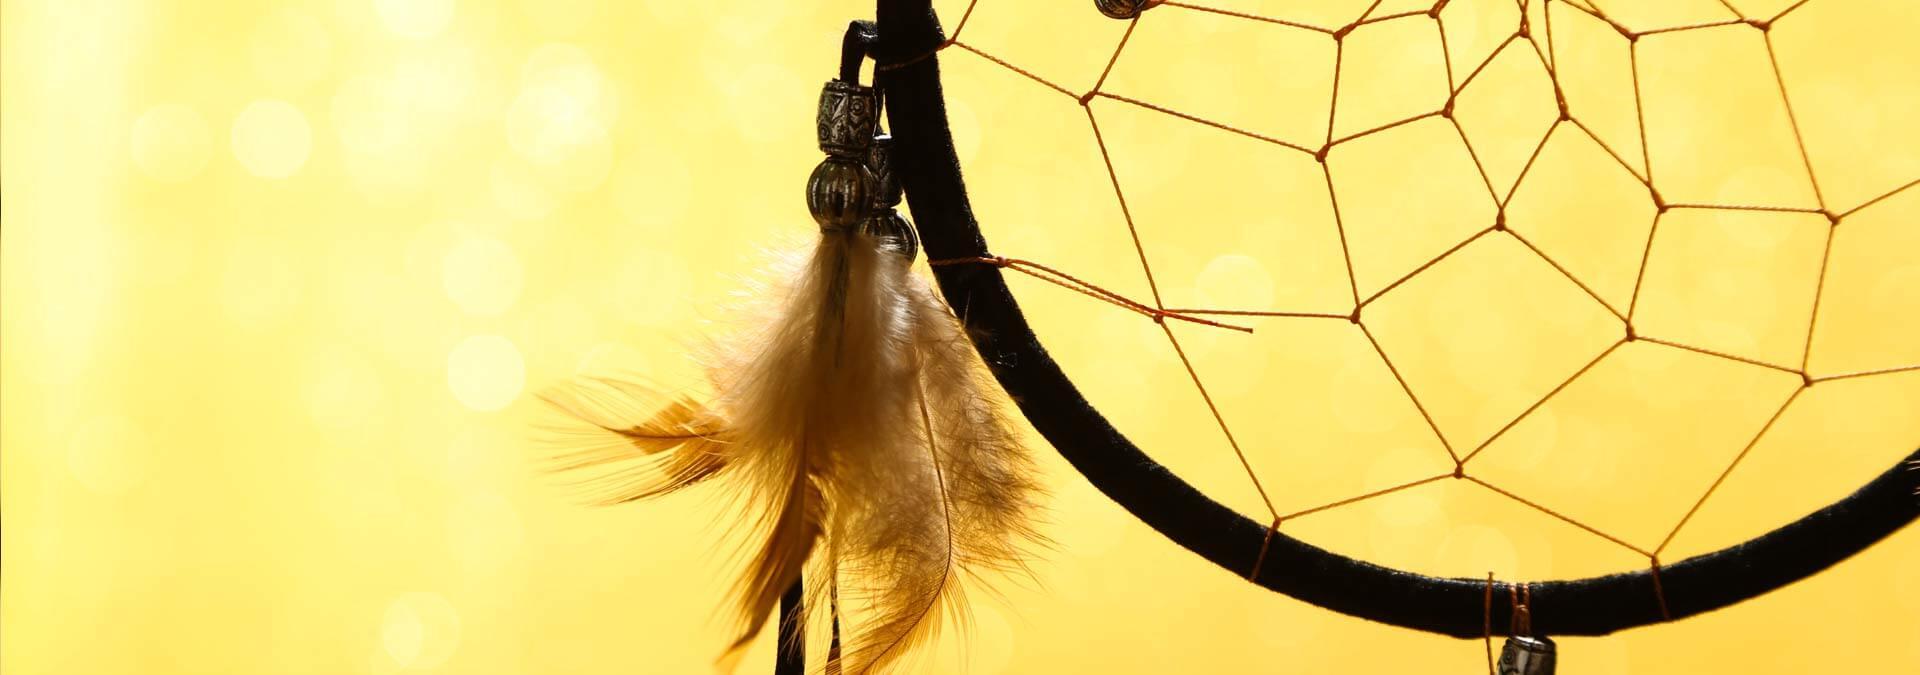 Bekende Citaten Over Dromen : Spreuken over dromen hét zingevingsplatform met